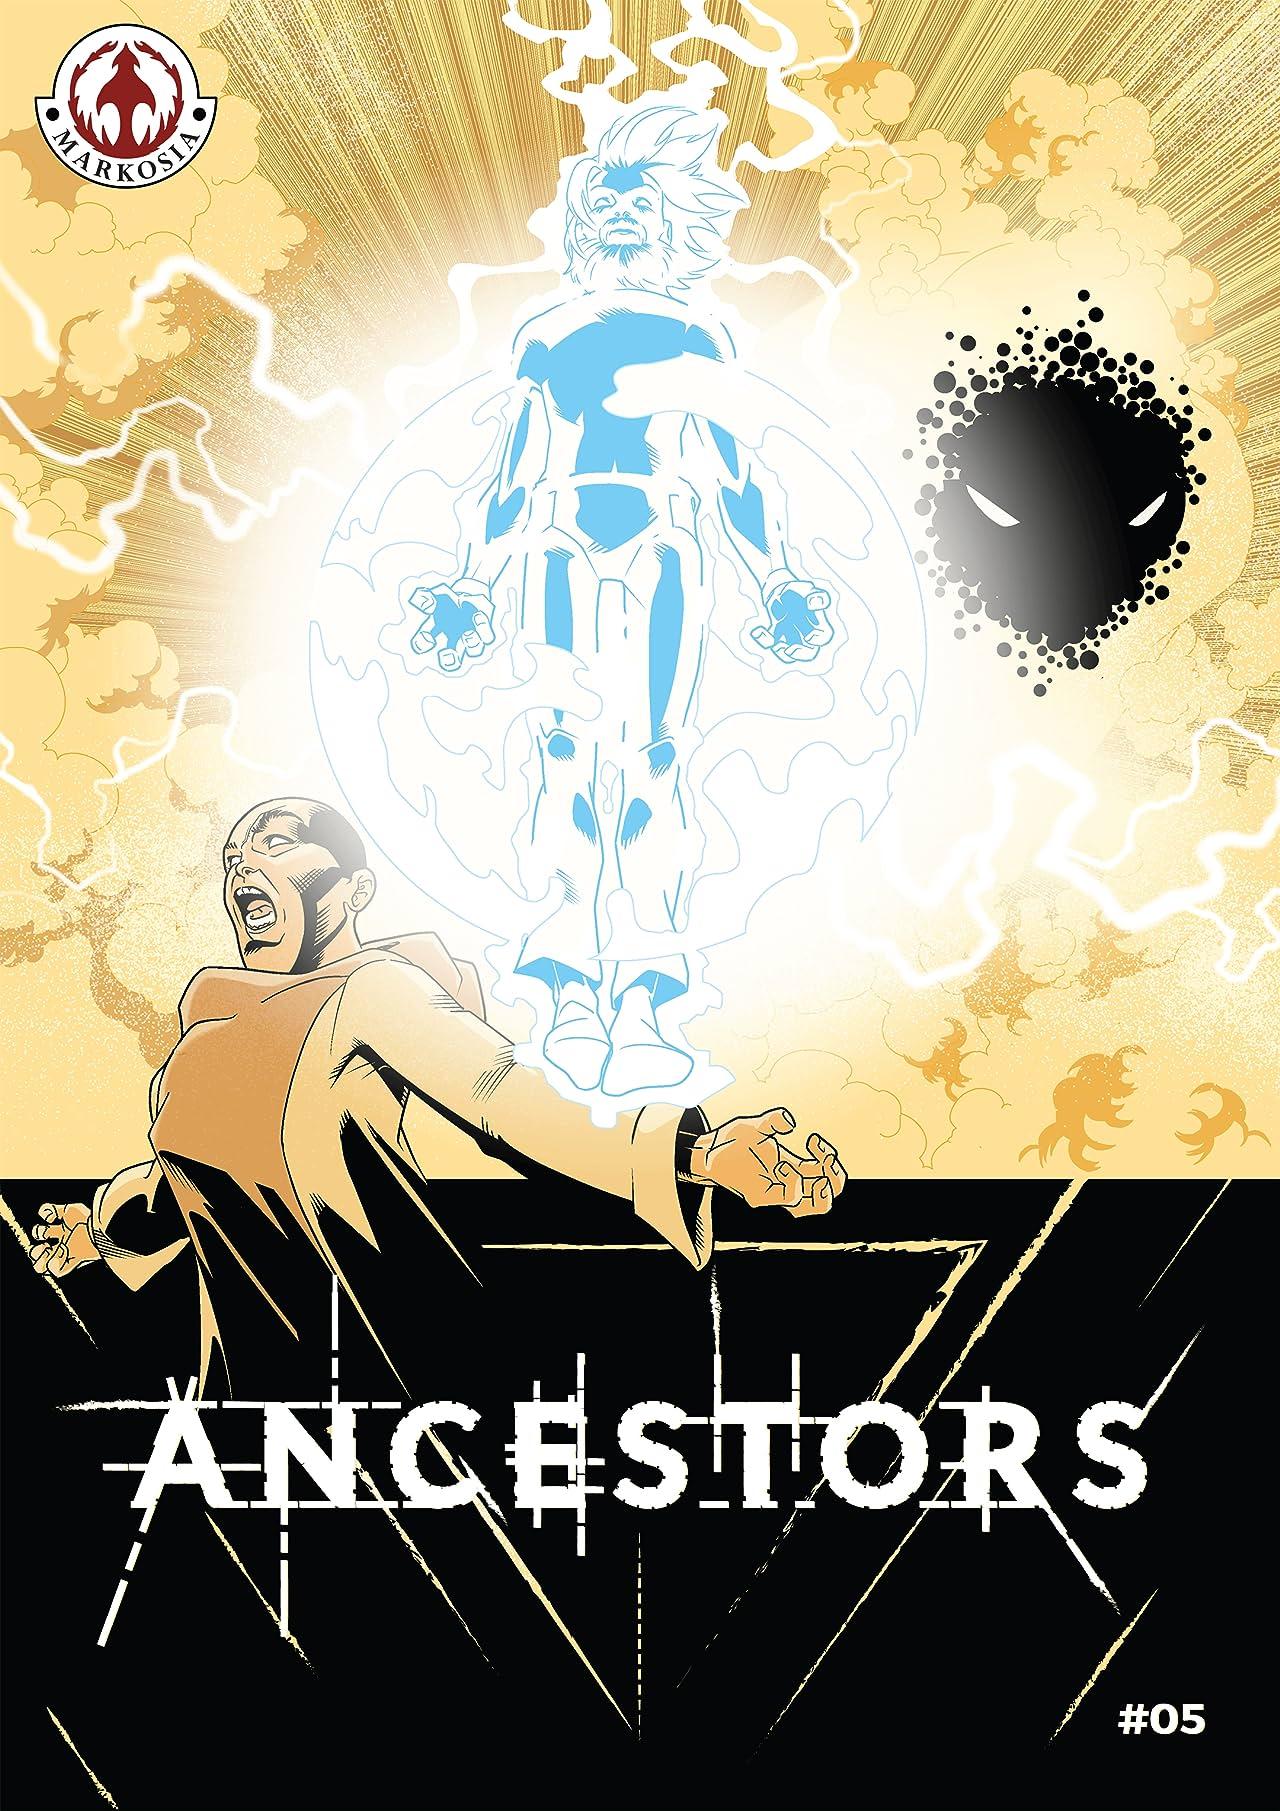 The Ancestors No.5